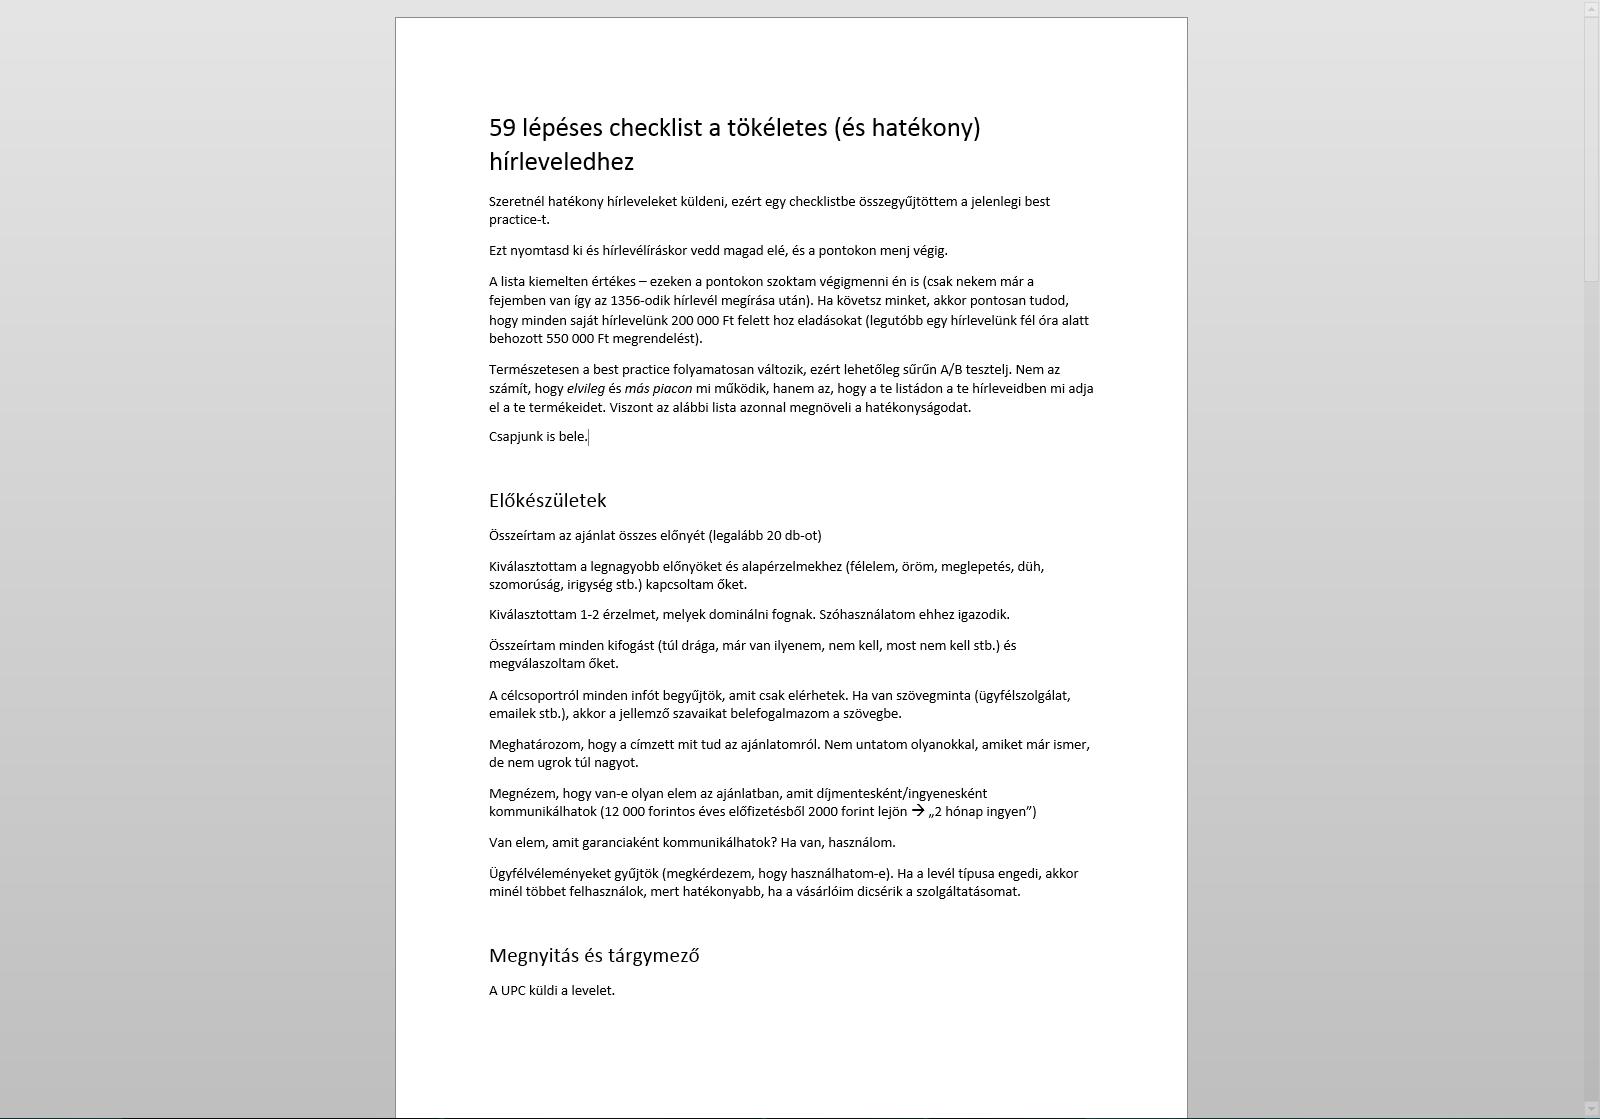 fullscreen4.png